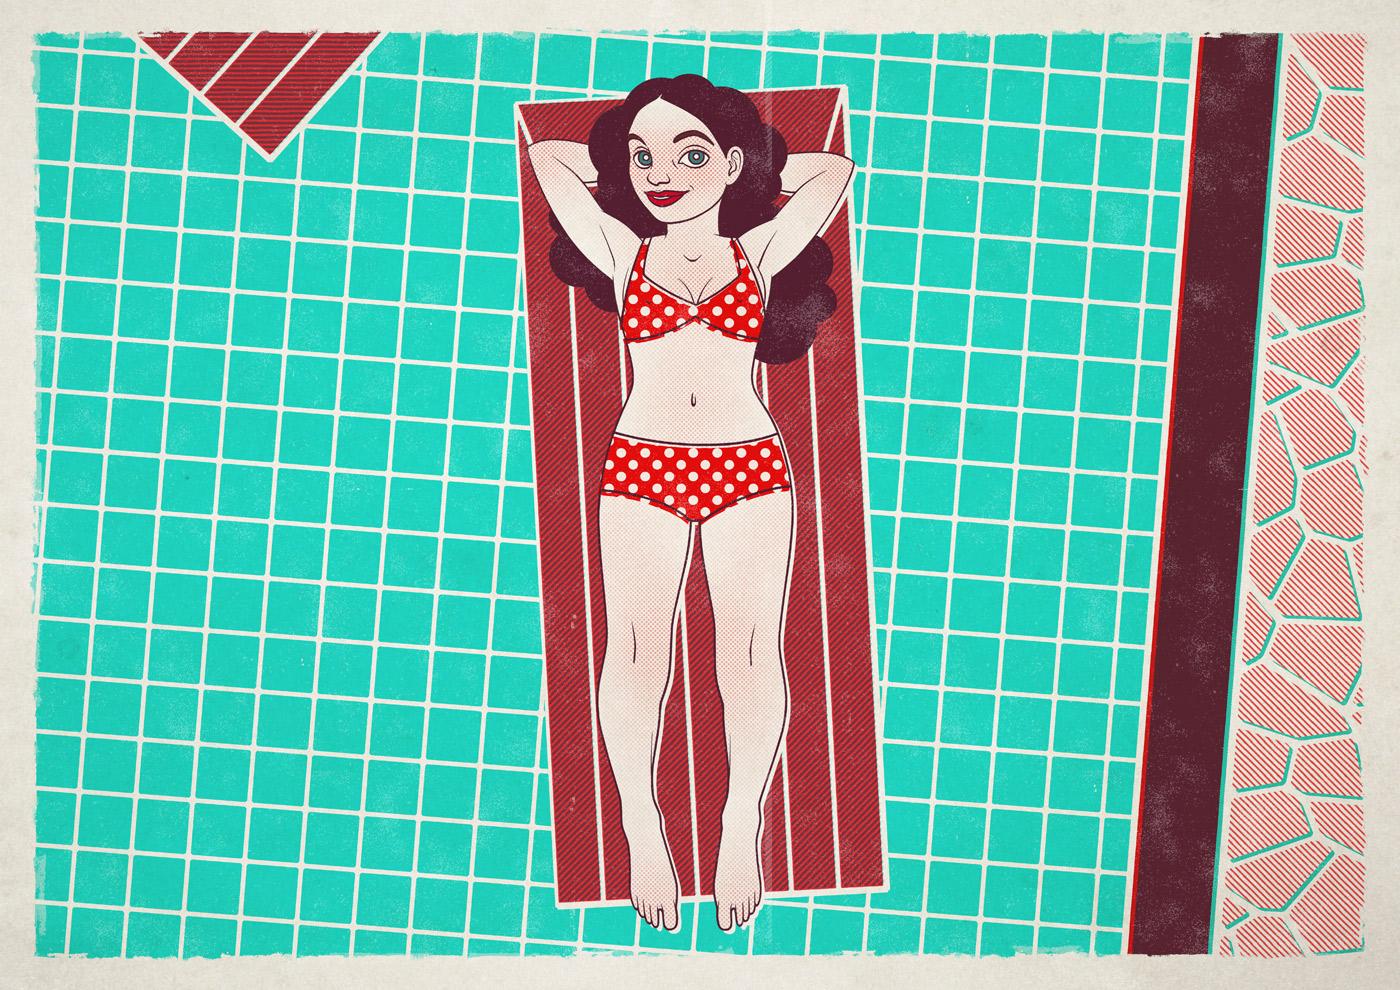 Sommerliche Illustration eines Mädchens im Bikini auf einer Luftmatratze im Pool im Siebdruck-Stil